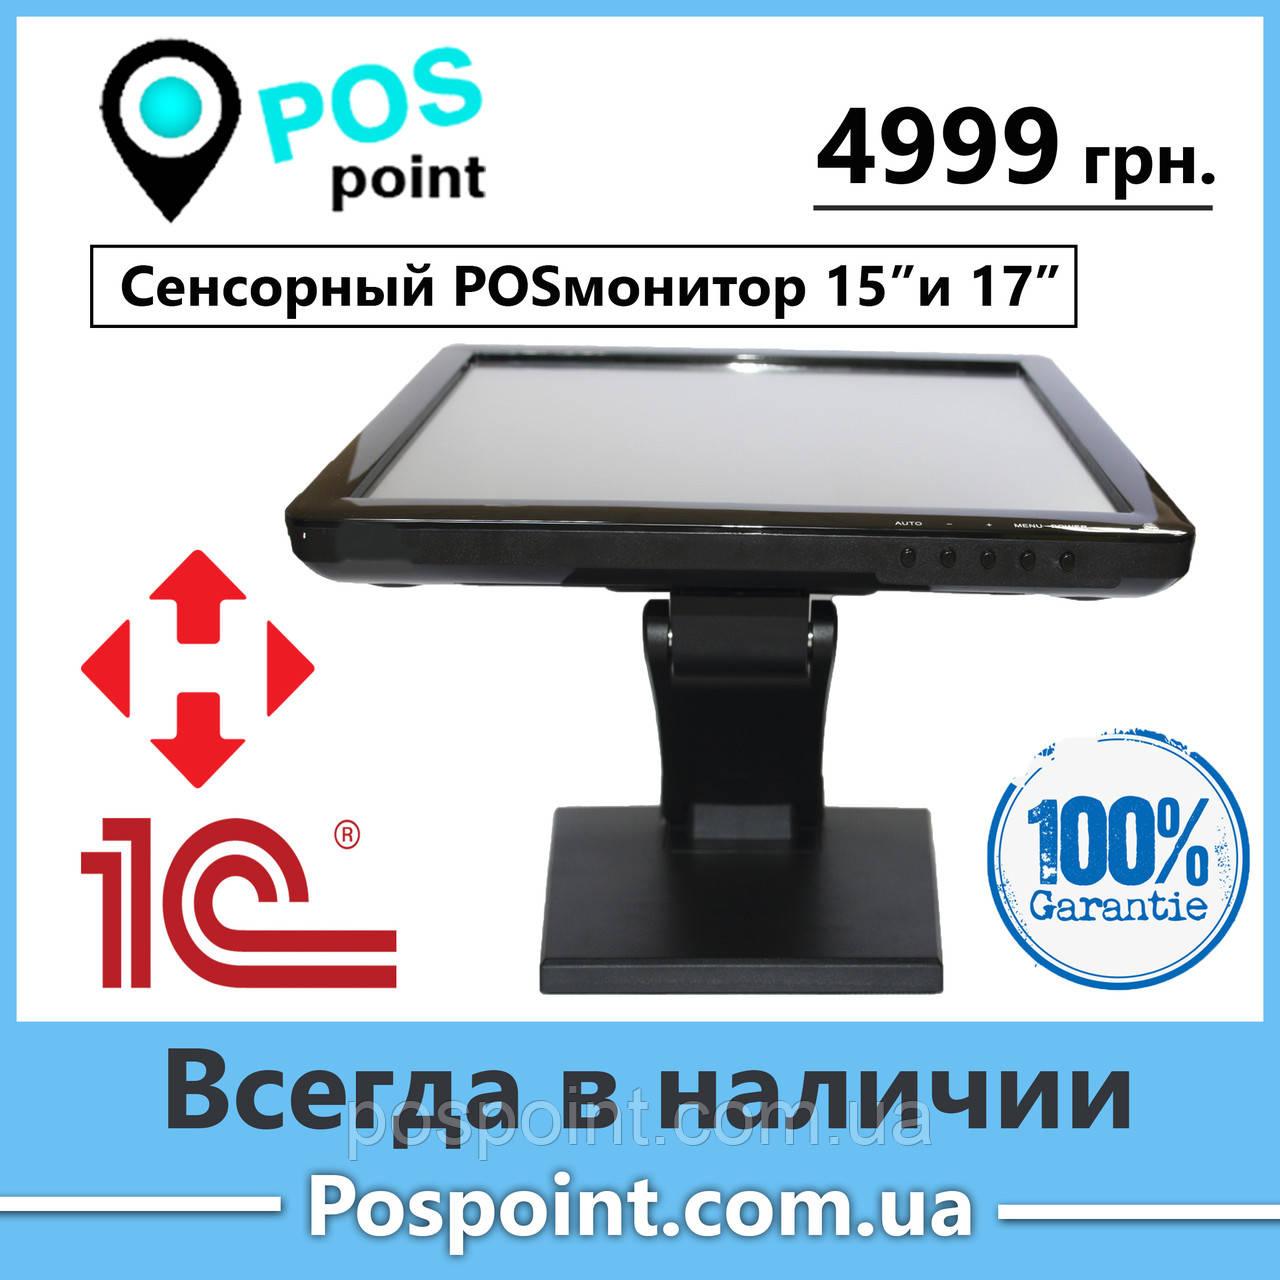 """Pos-дисплей сенсорный монитор 15"""" с VGA"""